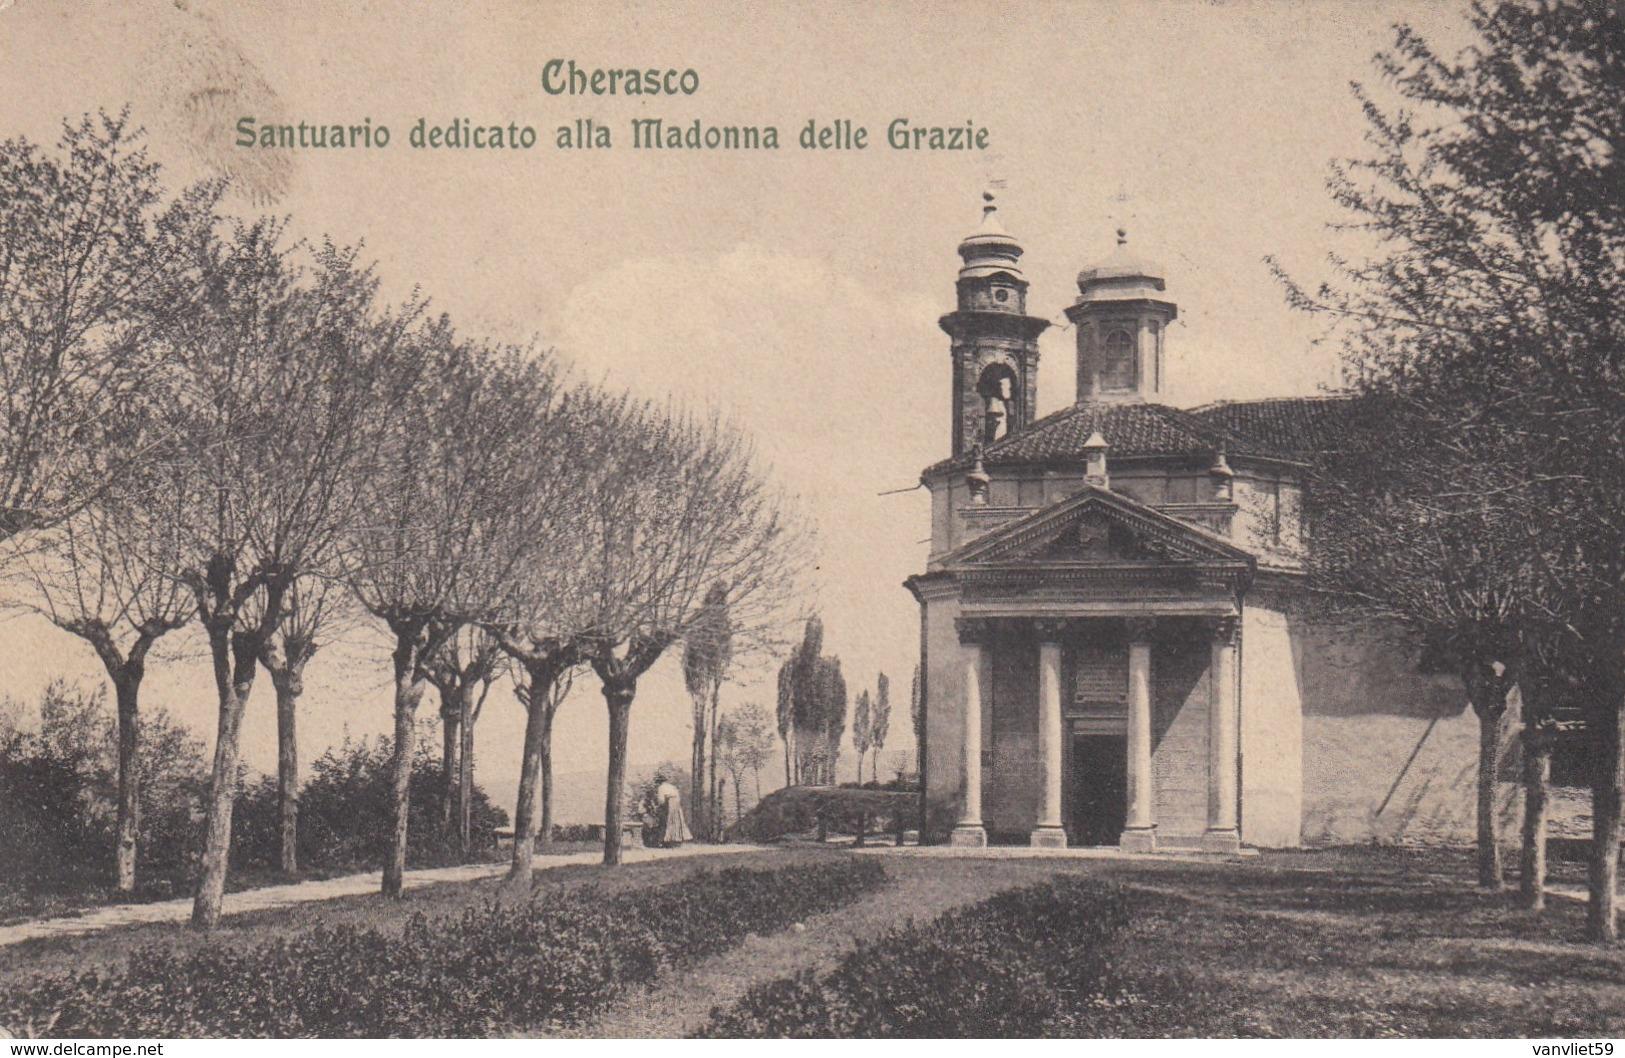 CHERASCO-CUNEO-SANTUARIO DEDICATO ALLA MADONNA DELLE GRAZIE-CARTOLINA VIAGGIATA  IL 5-8-1910 - Cuneo